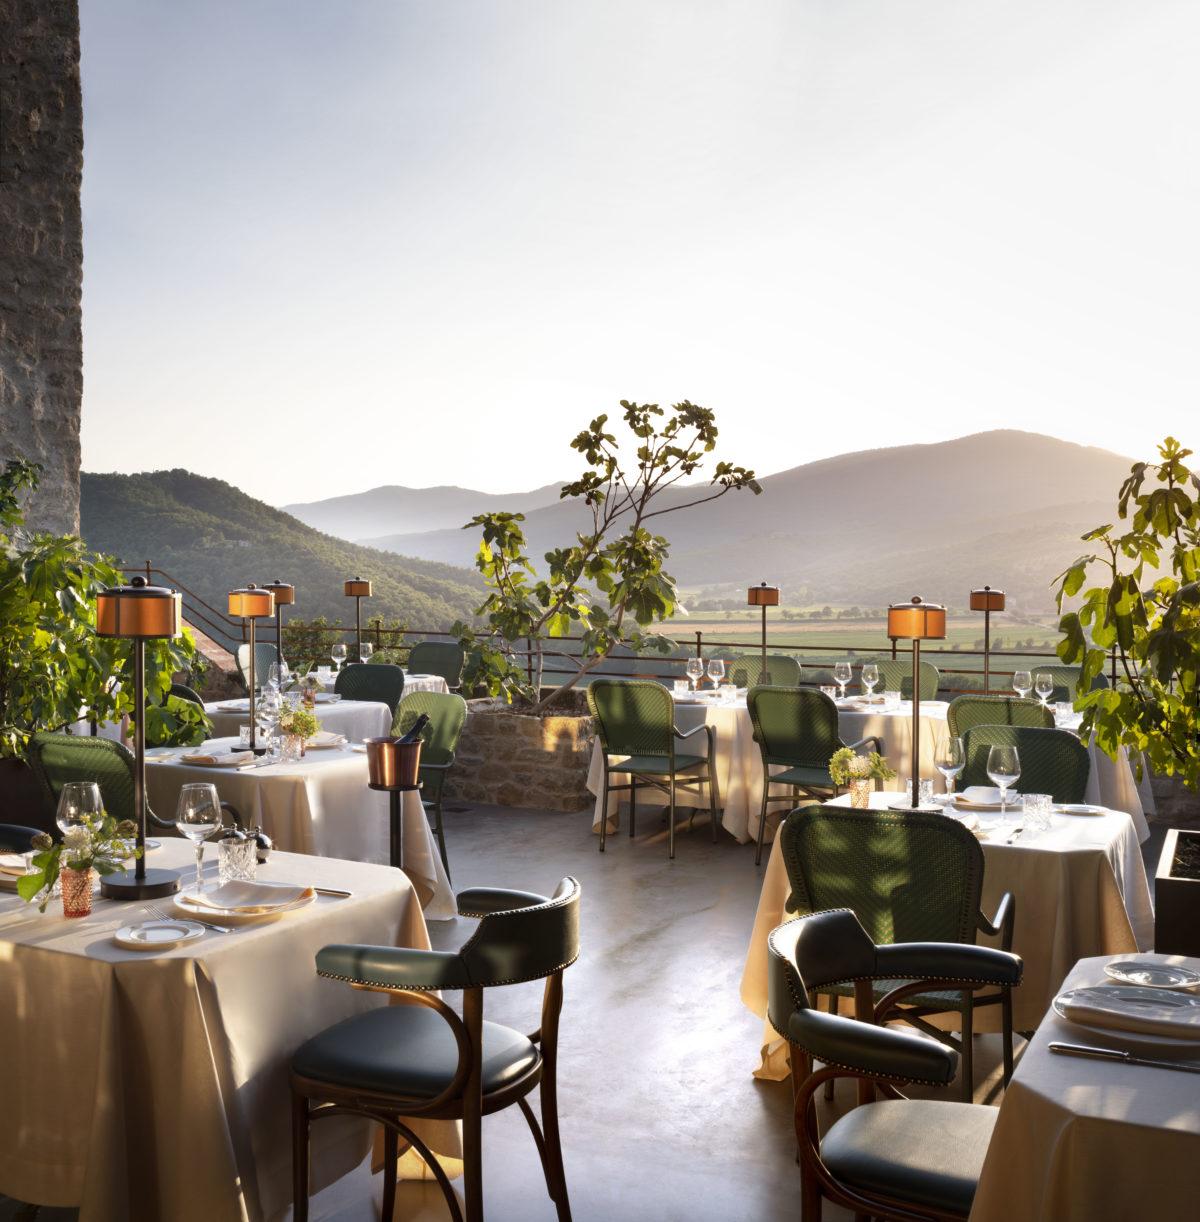 Ristorante Al Castello - The terrace - Hotel Castello di Reschio